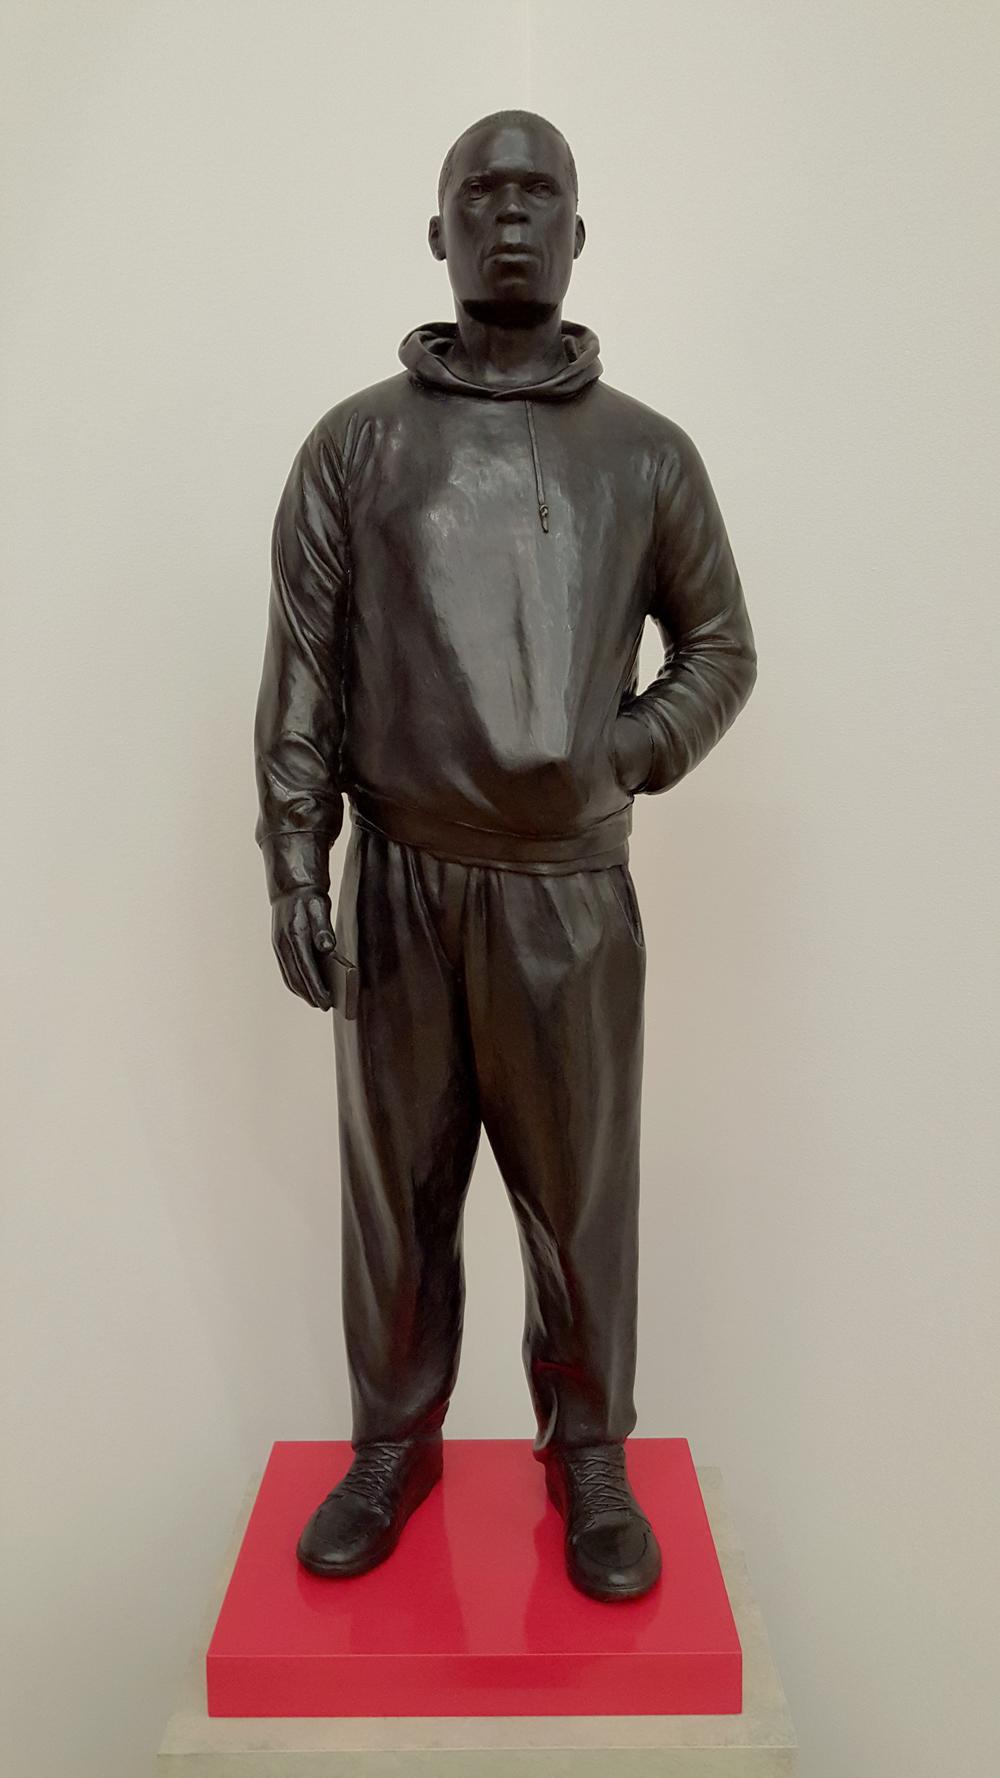 Thomas J Price Plain to See sculpture